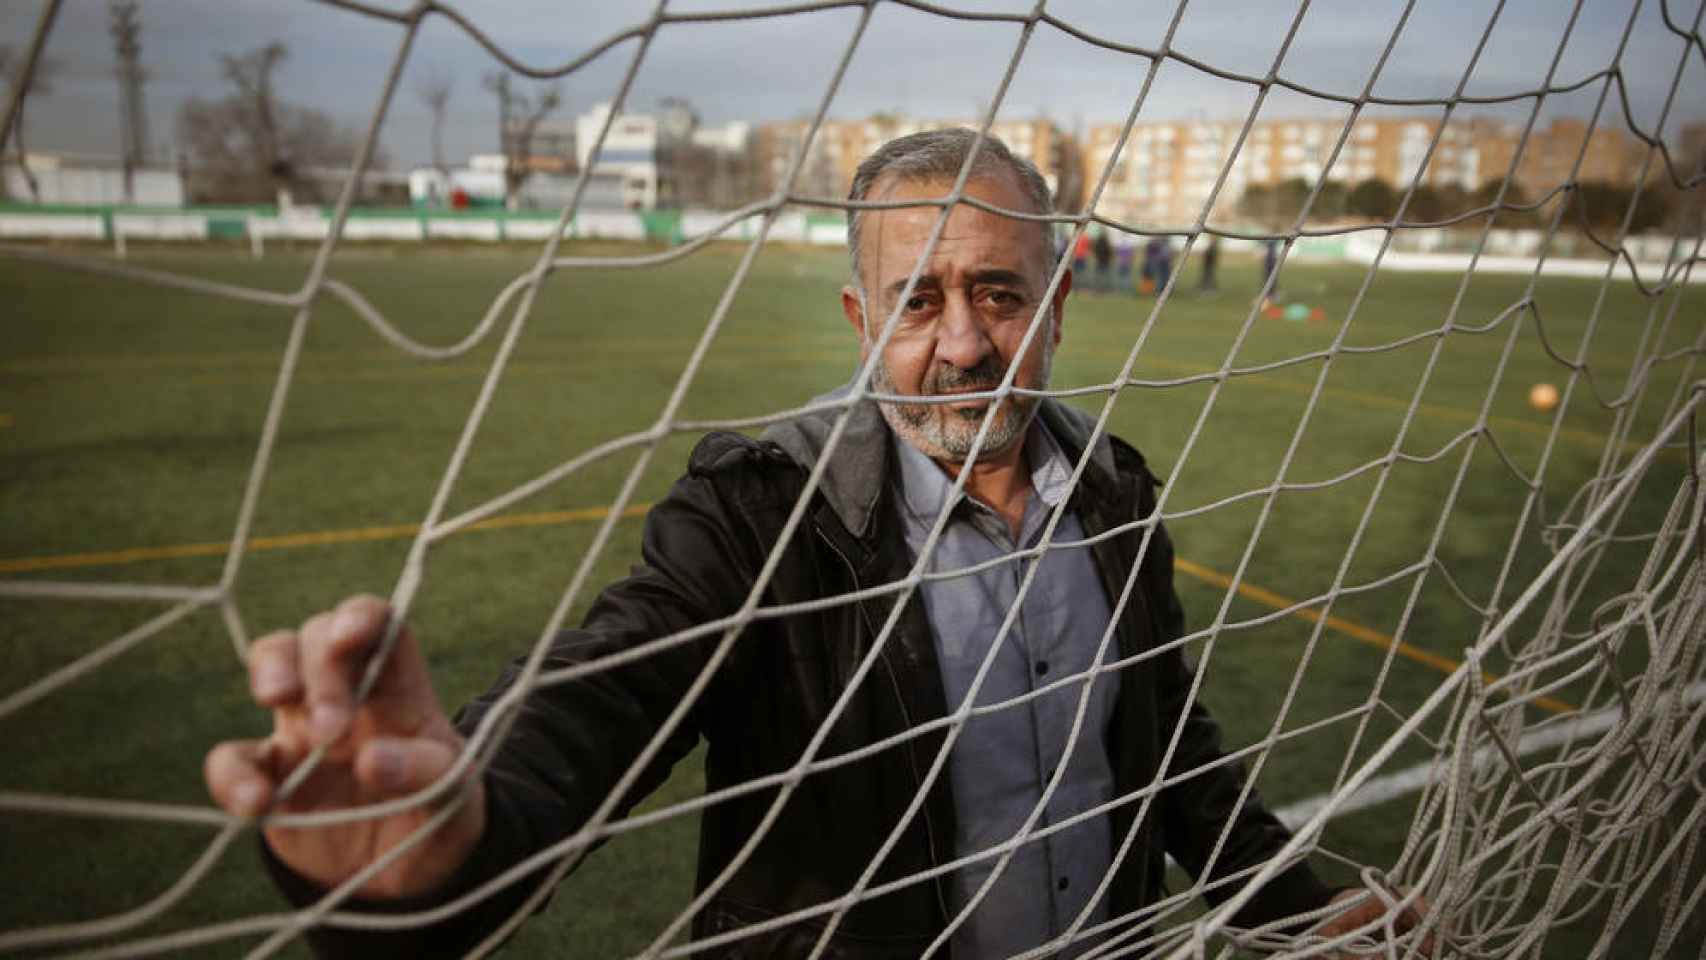 Osama Abdul Mohsen, en un campo de fútbol.